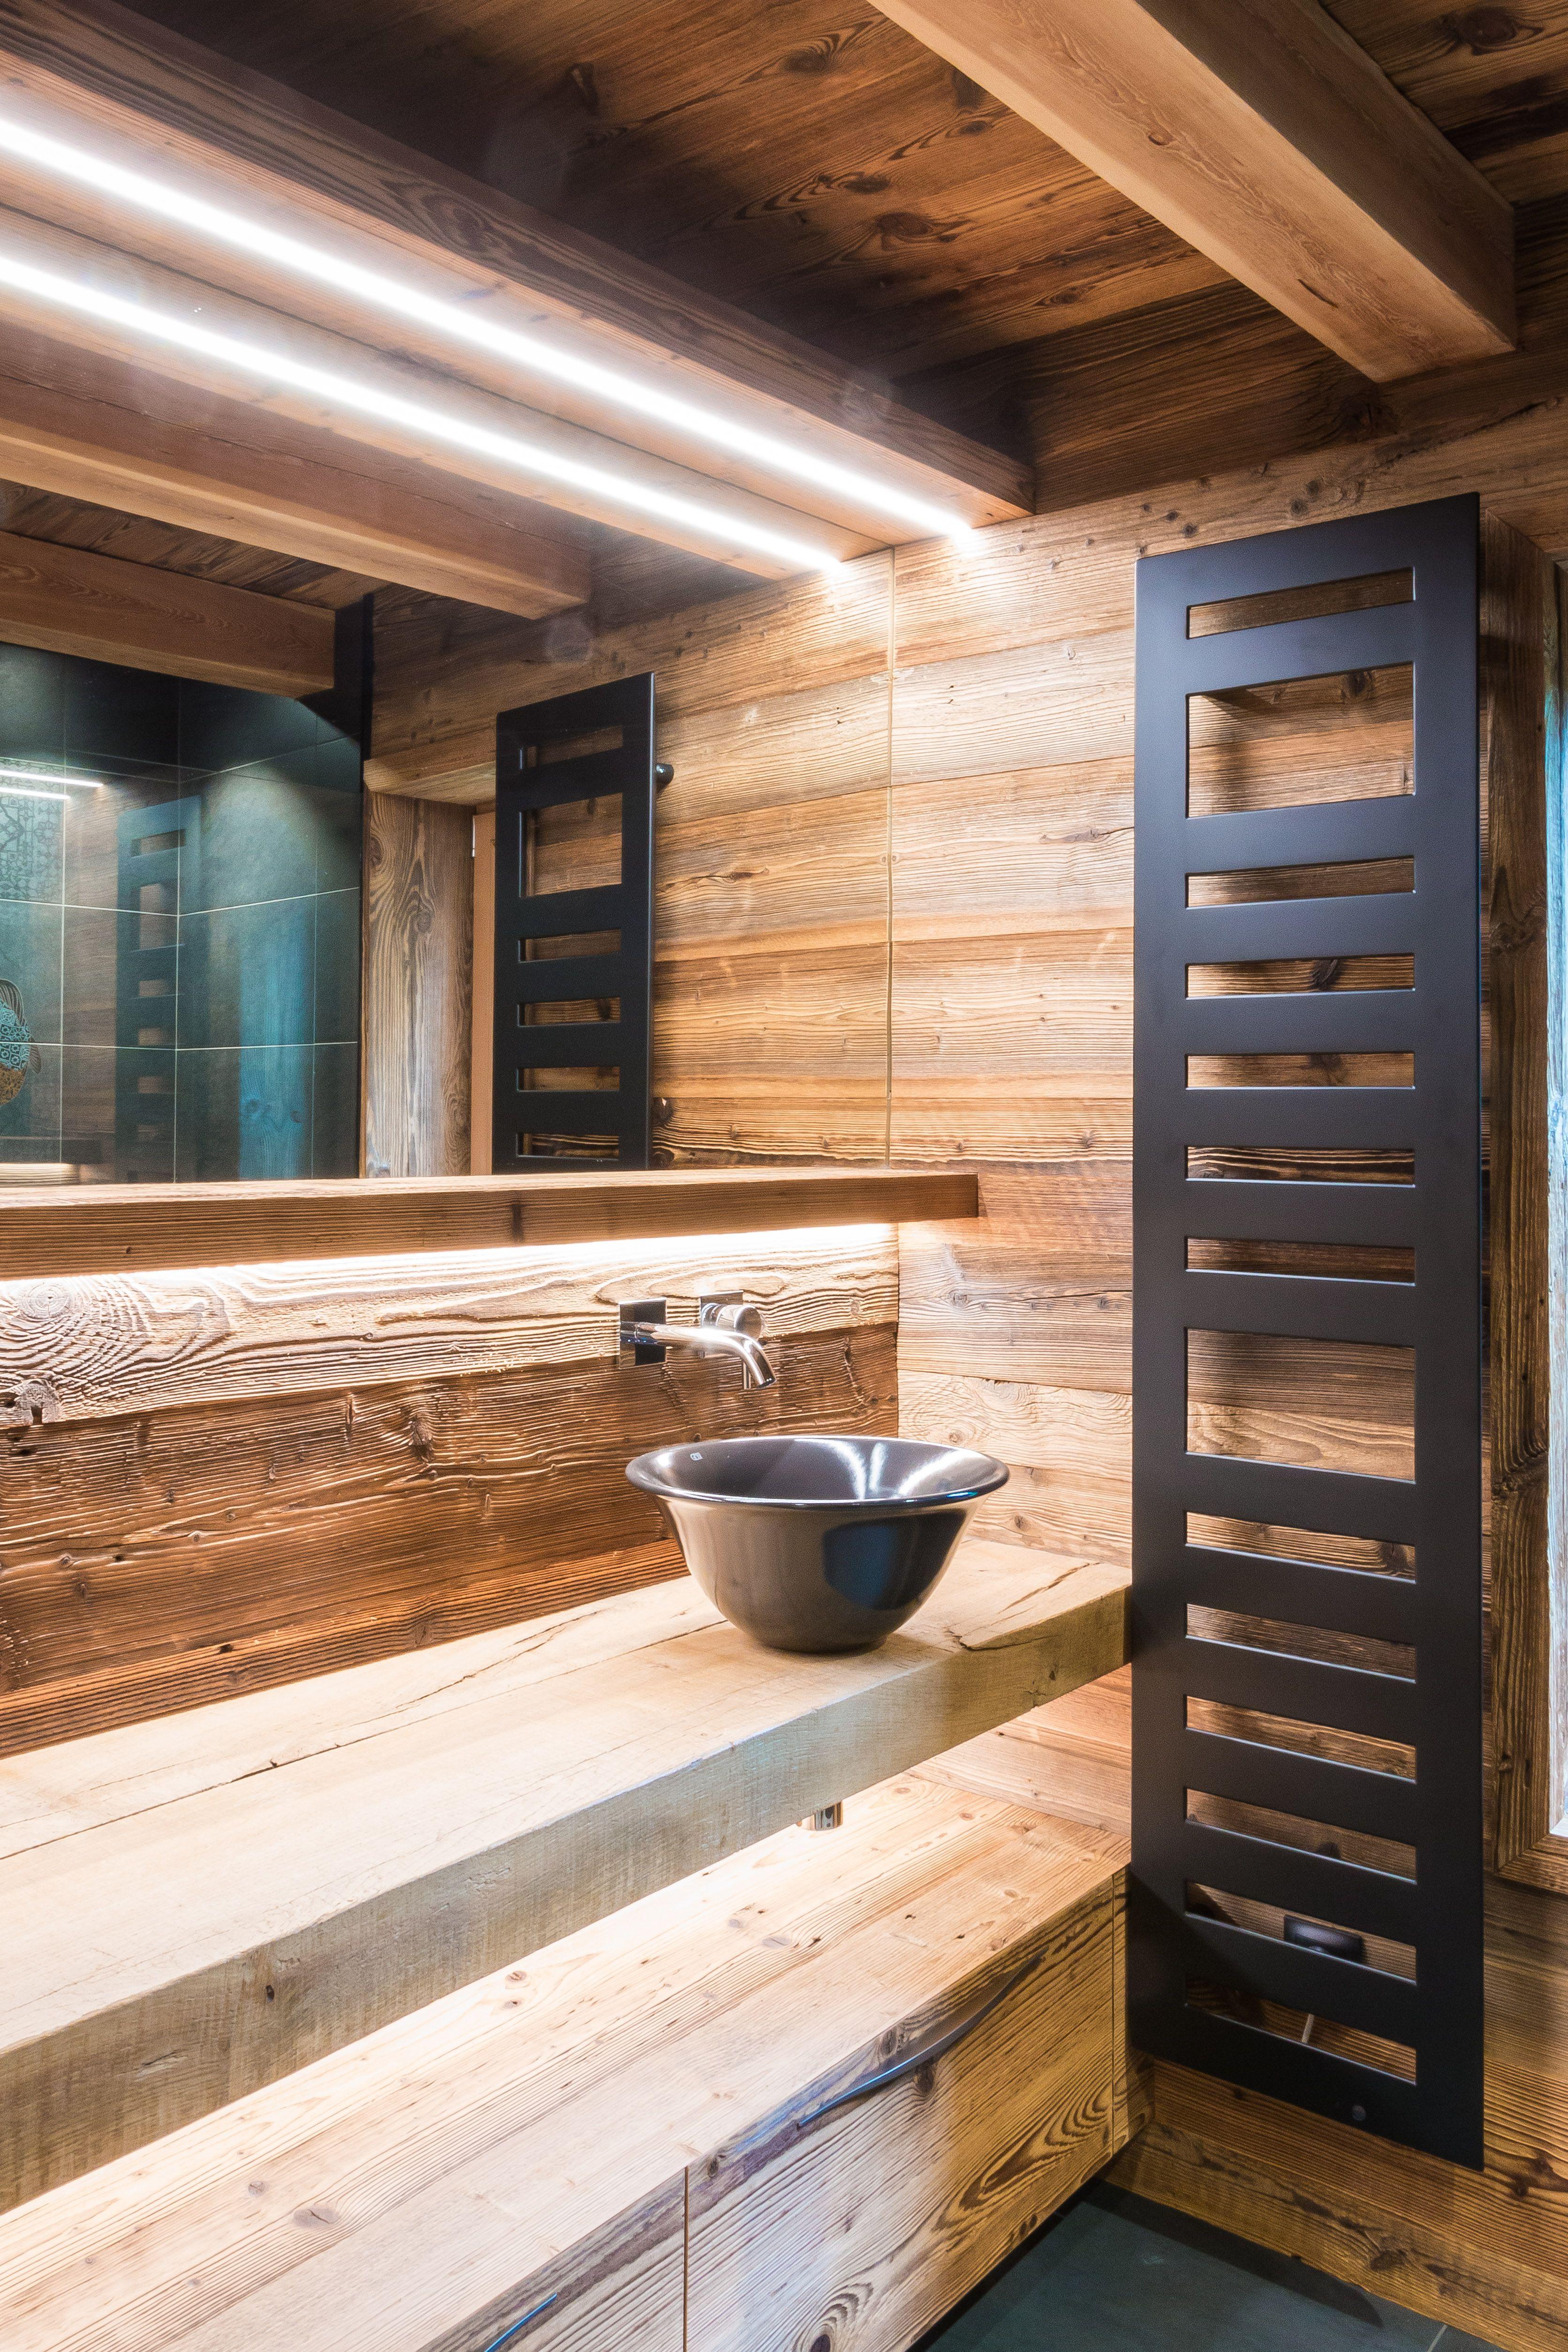 R alisation d 39 une salle de bain en bois compos e d 39 une - Realisation d une douche a l italienne ...